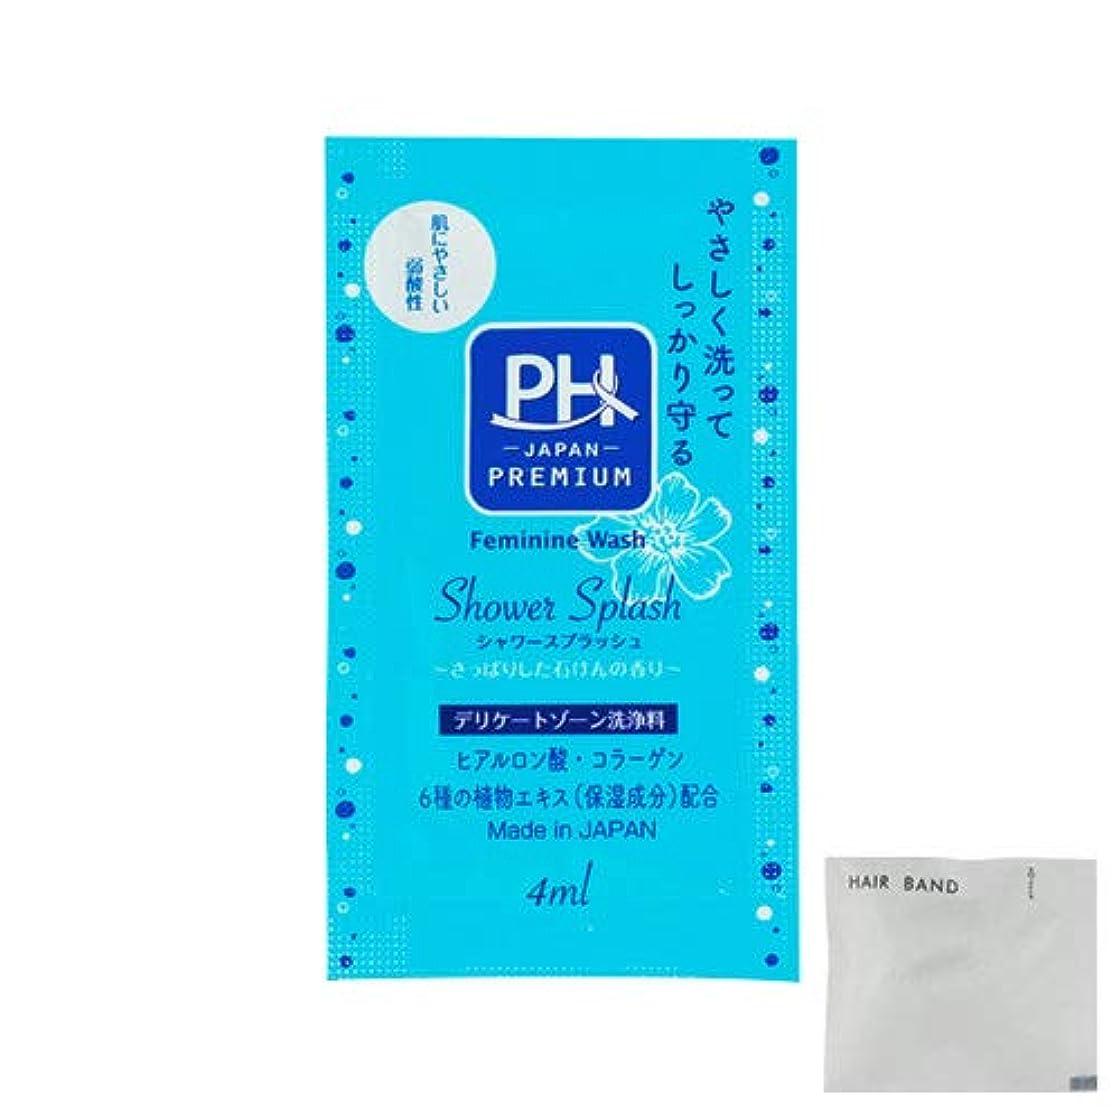 リルタイト社会学PH JAPAN プレミアム フェミニンウォッシュ シャワースプラッシュ 4mL(お試し用)×20個 + ヘアゴム(カラーはおまかせ)セット